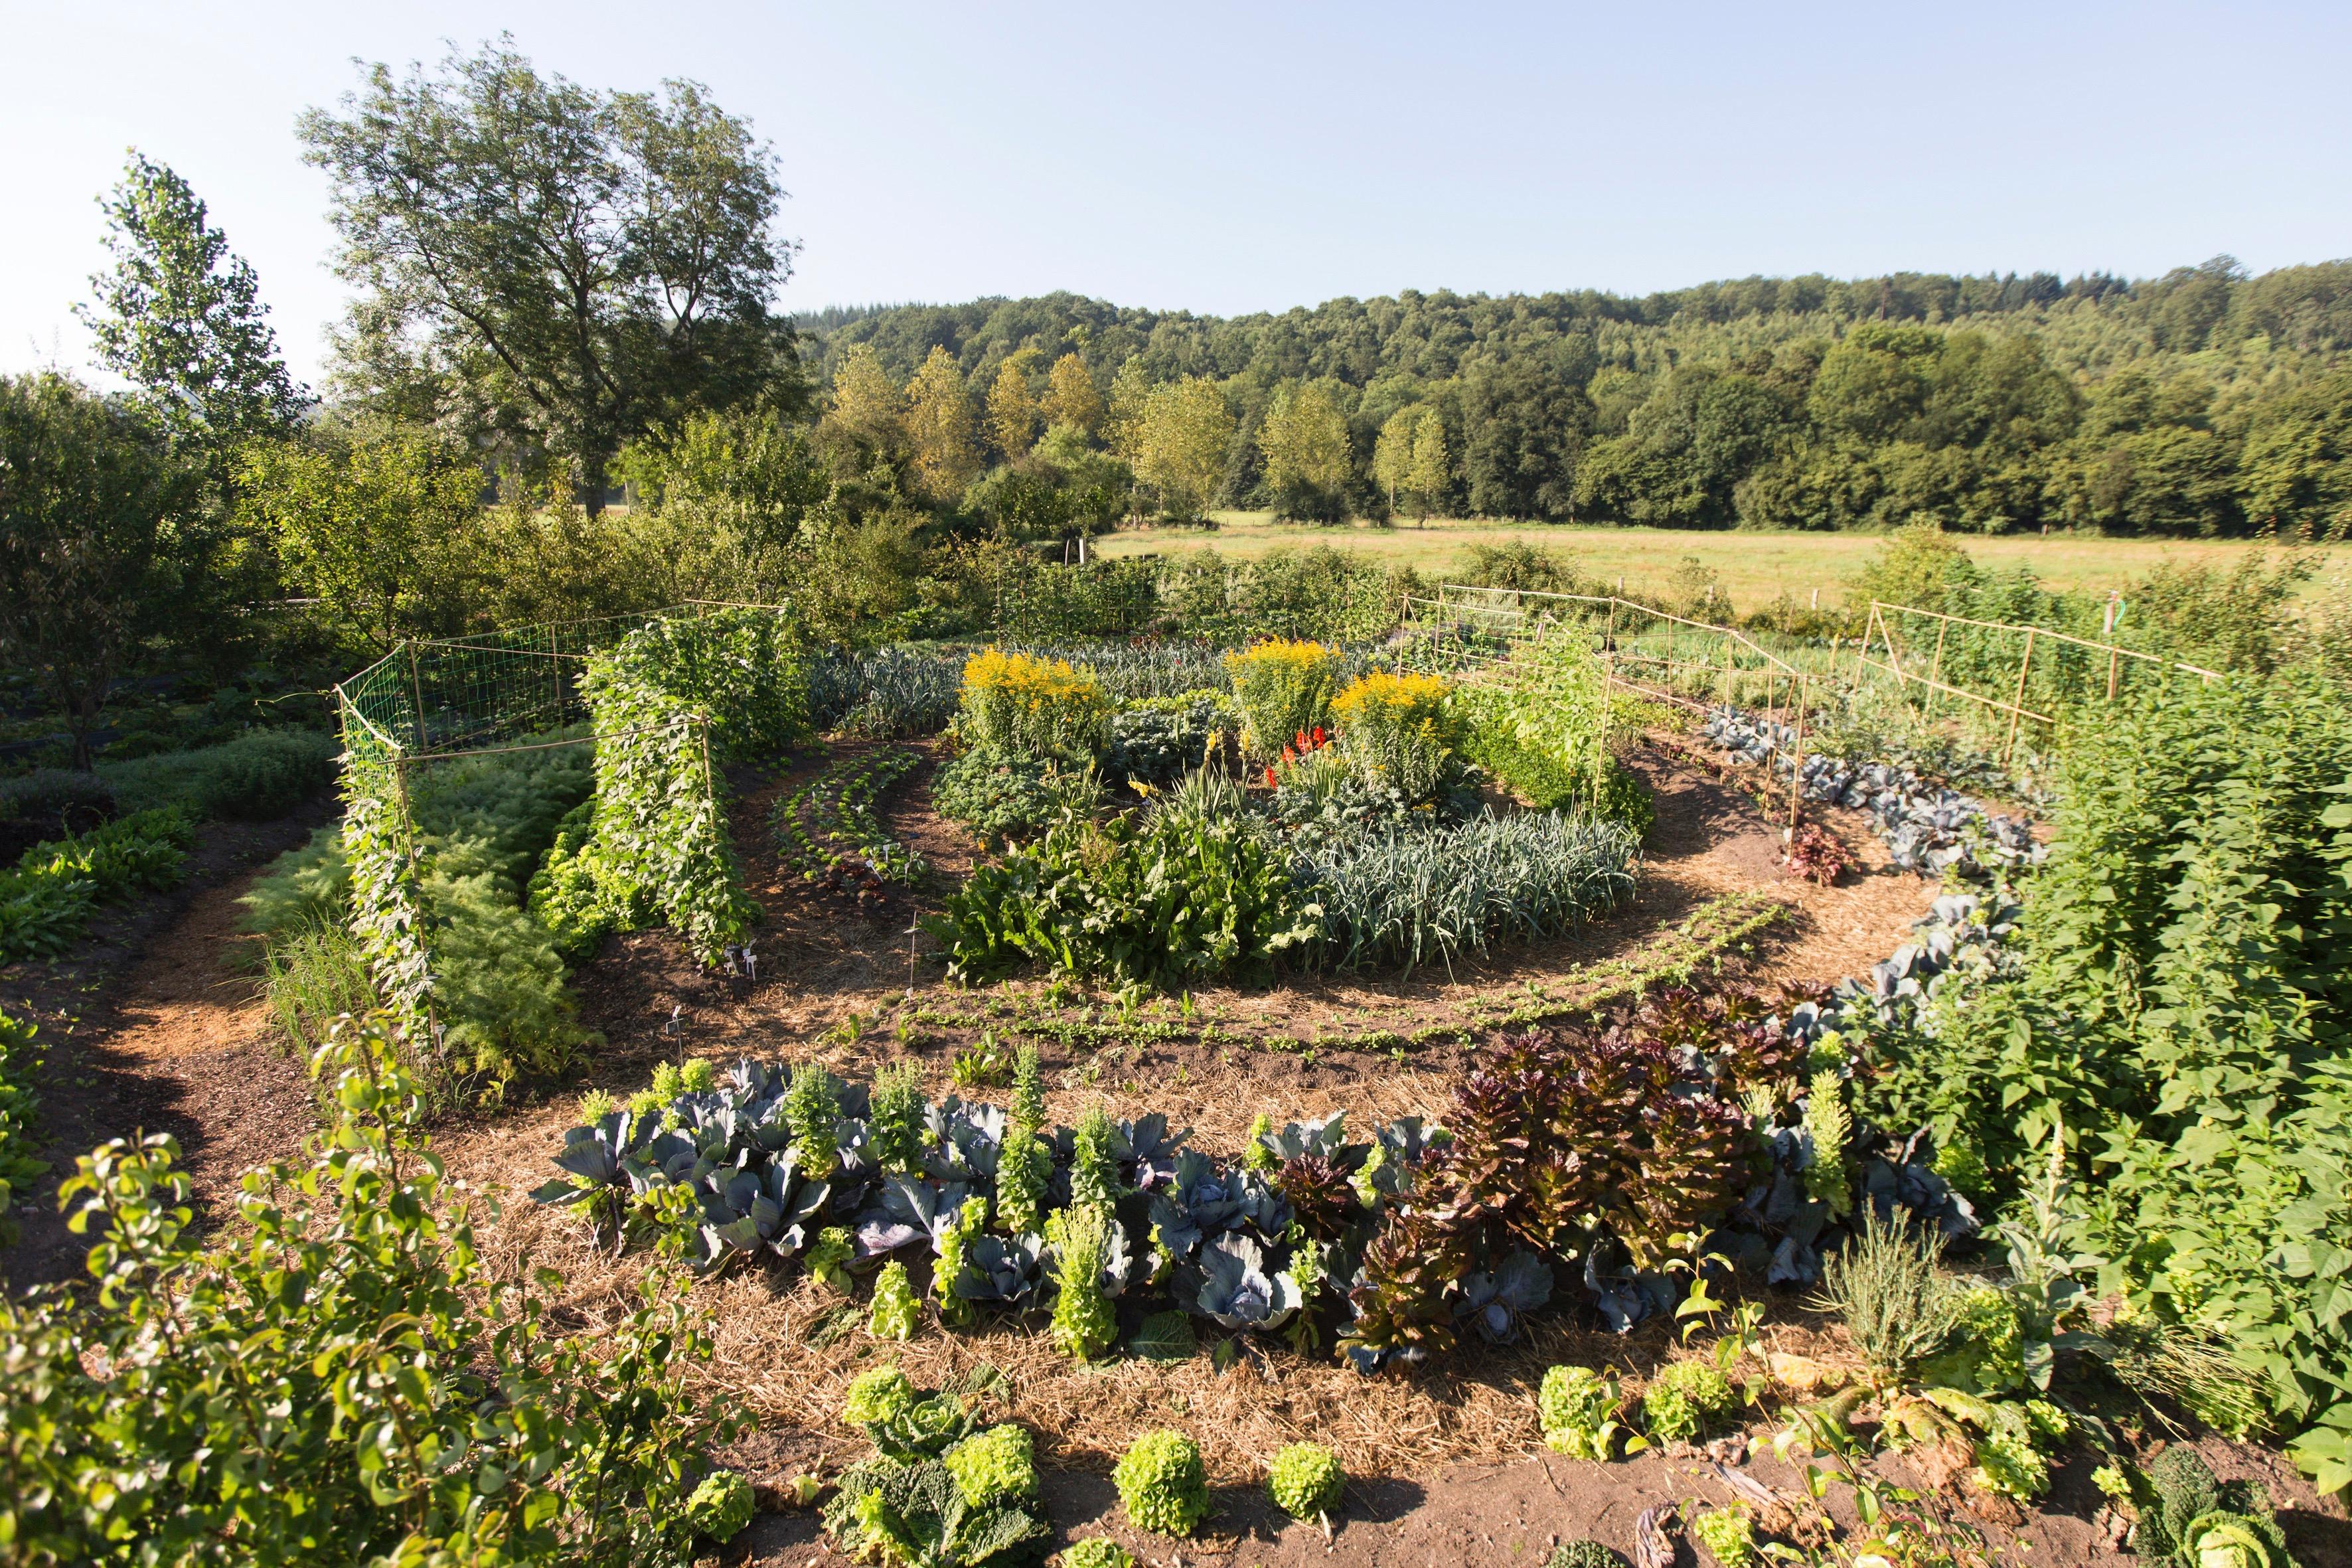 Etude sur la microferme permaculturelle et la for t jardin for Jardin mandala